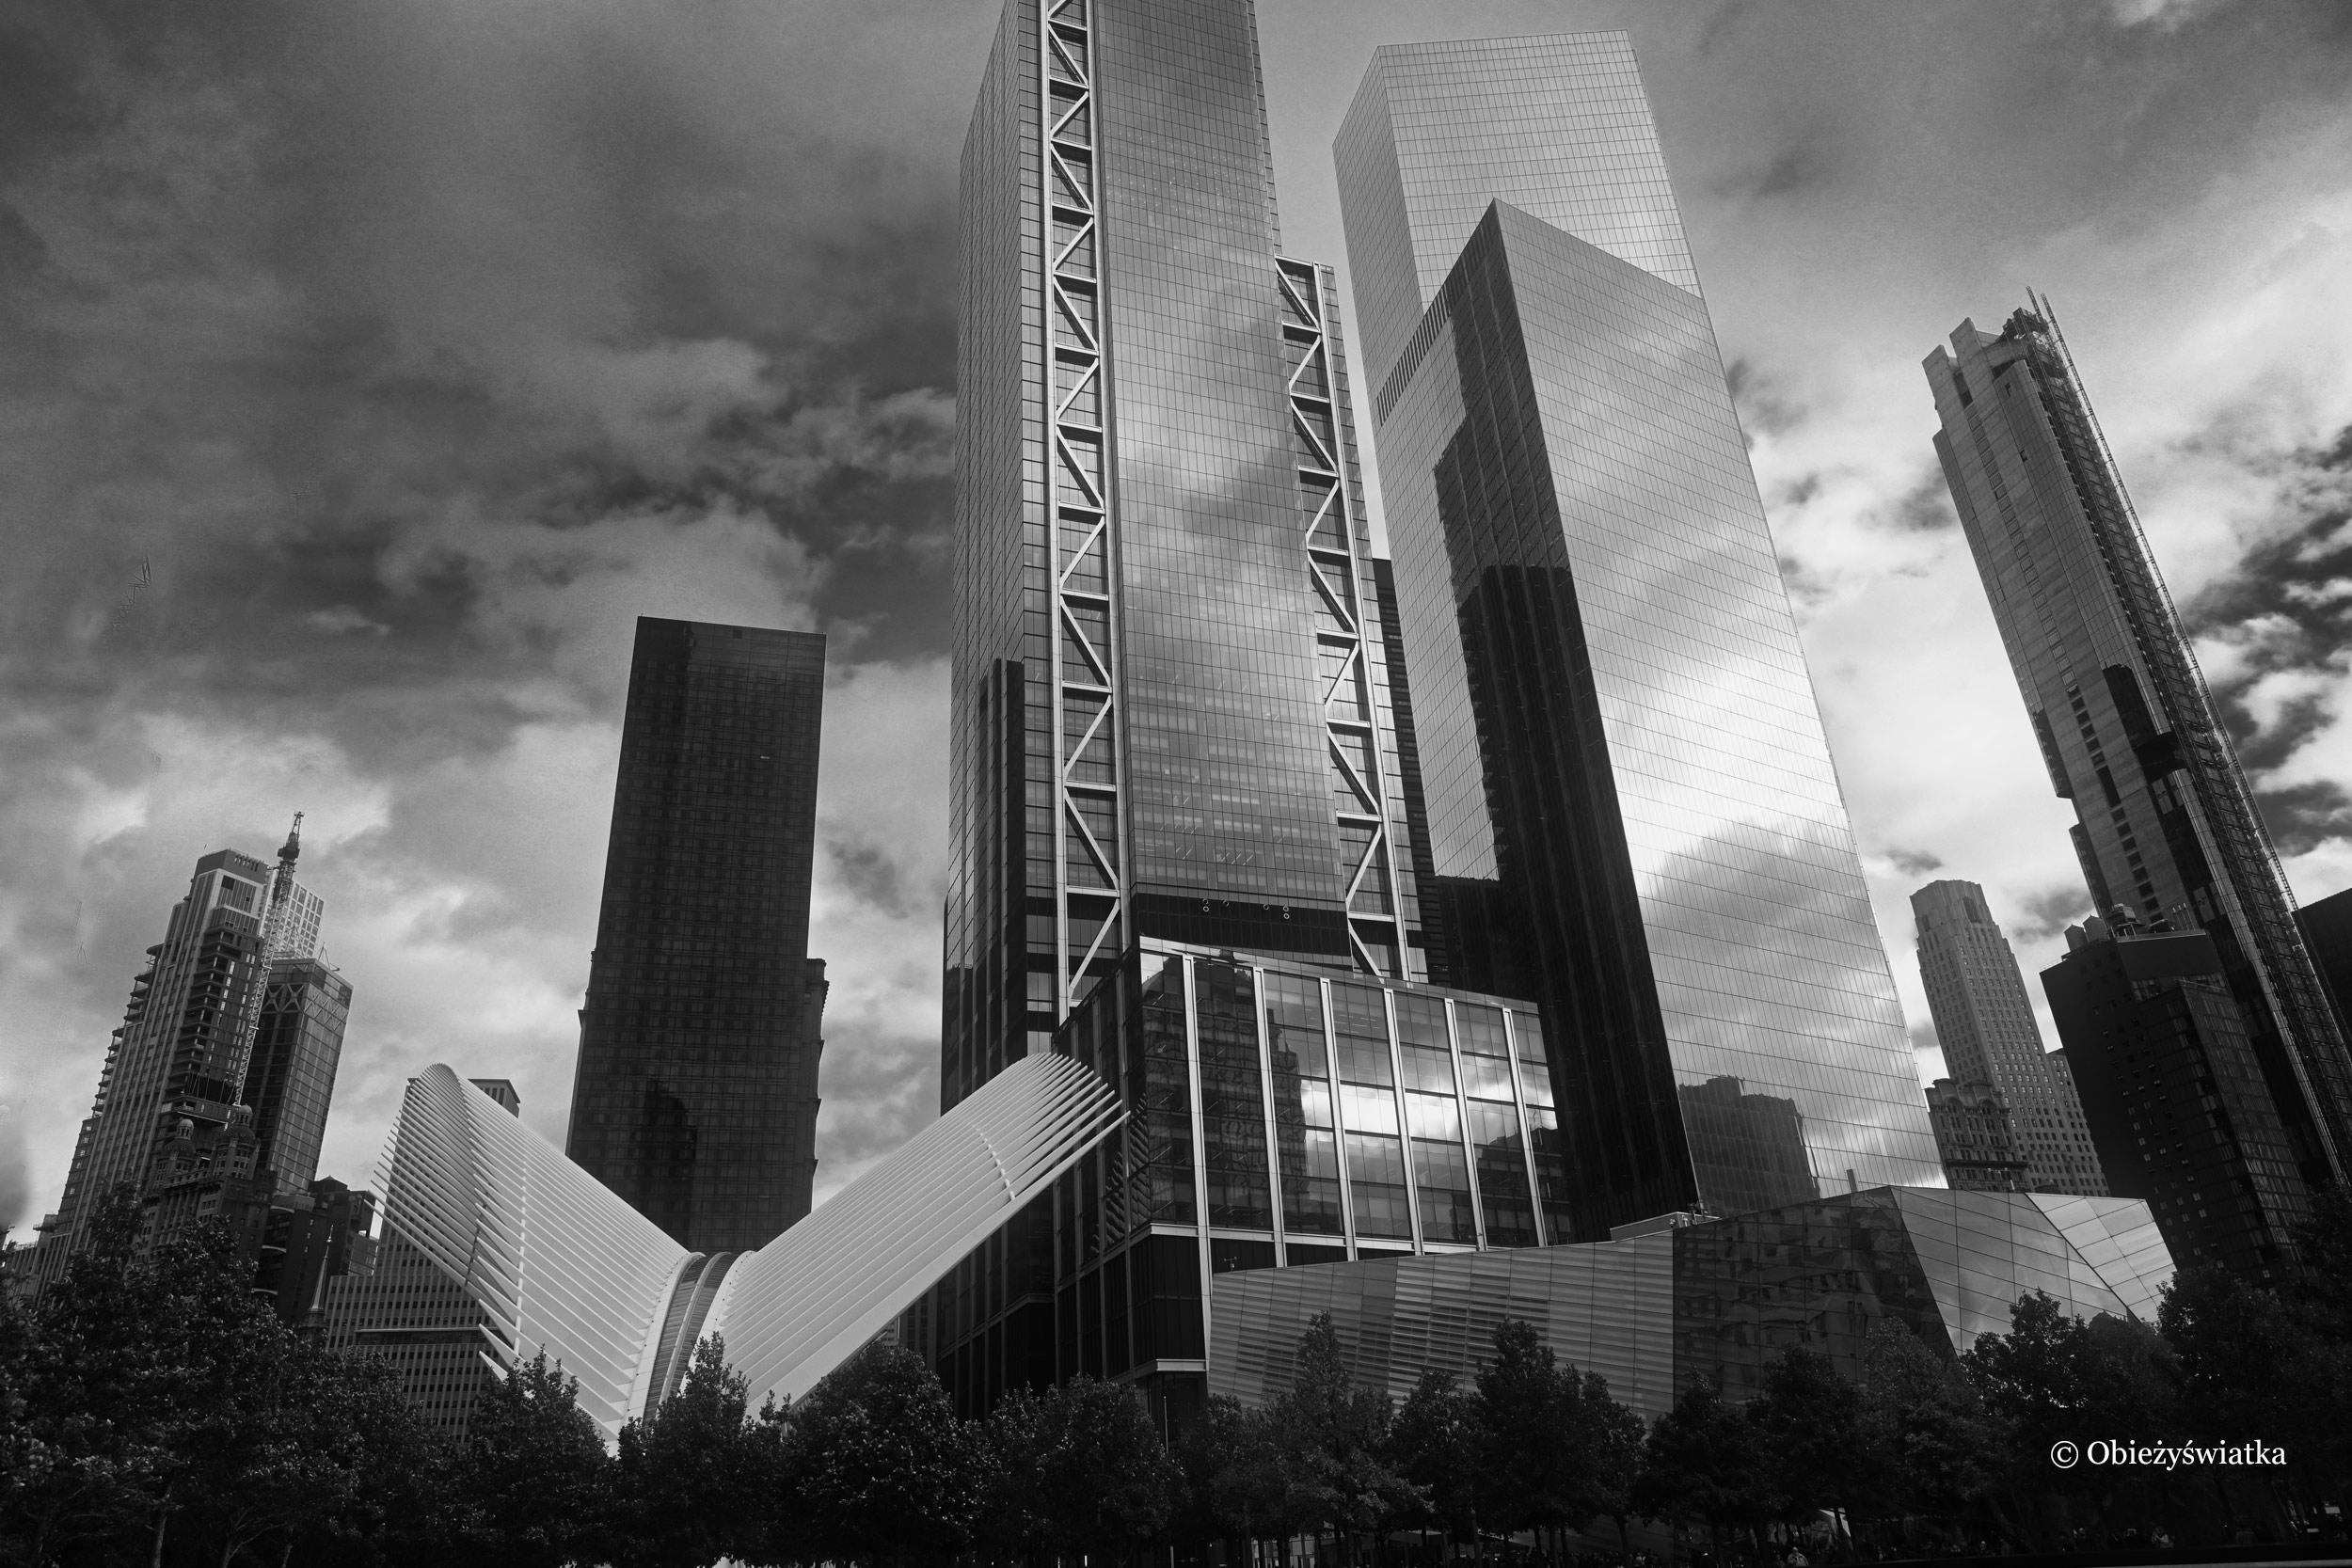 Oculus i wieżowce Nowego Jorku